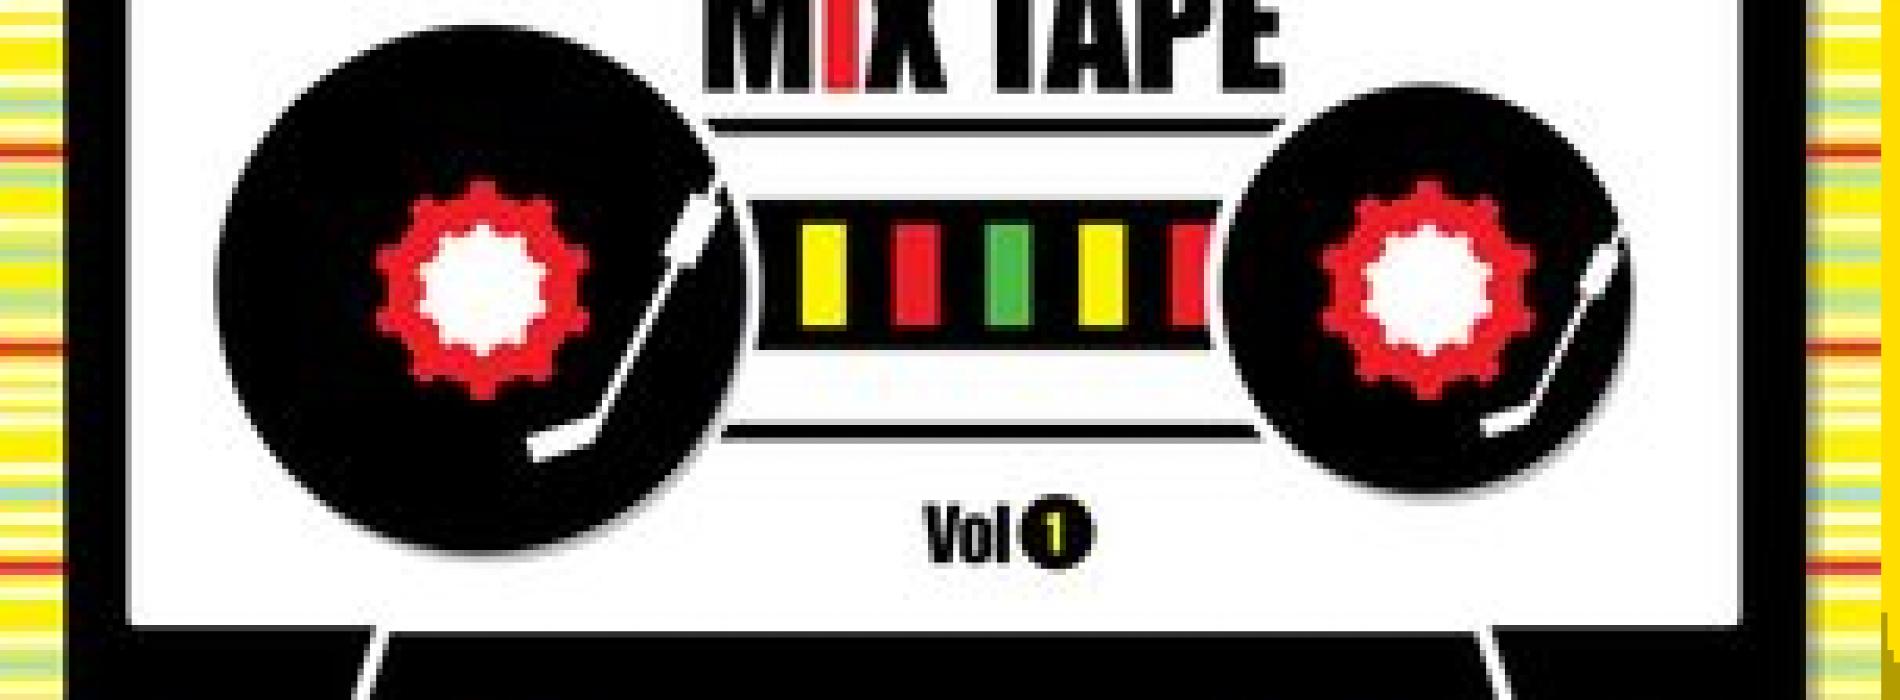 BLUDGE mixtape Vol:01 by Nigel Zilwa